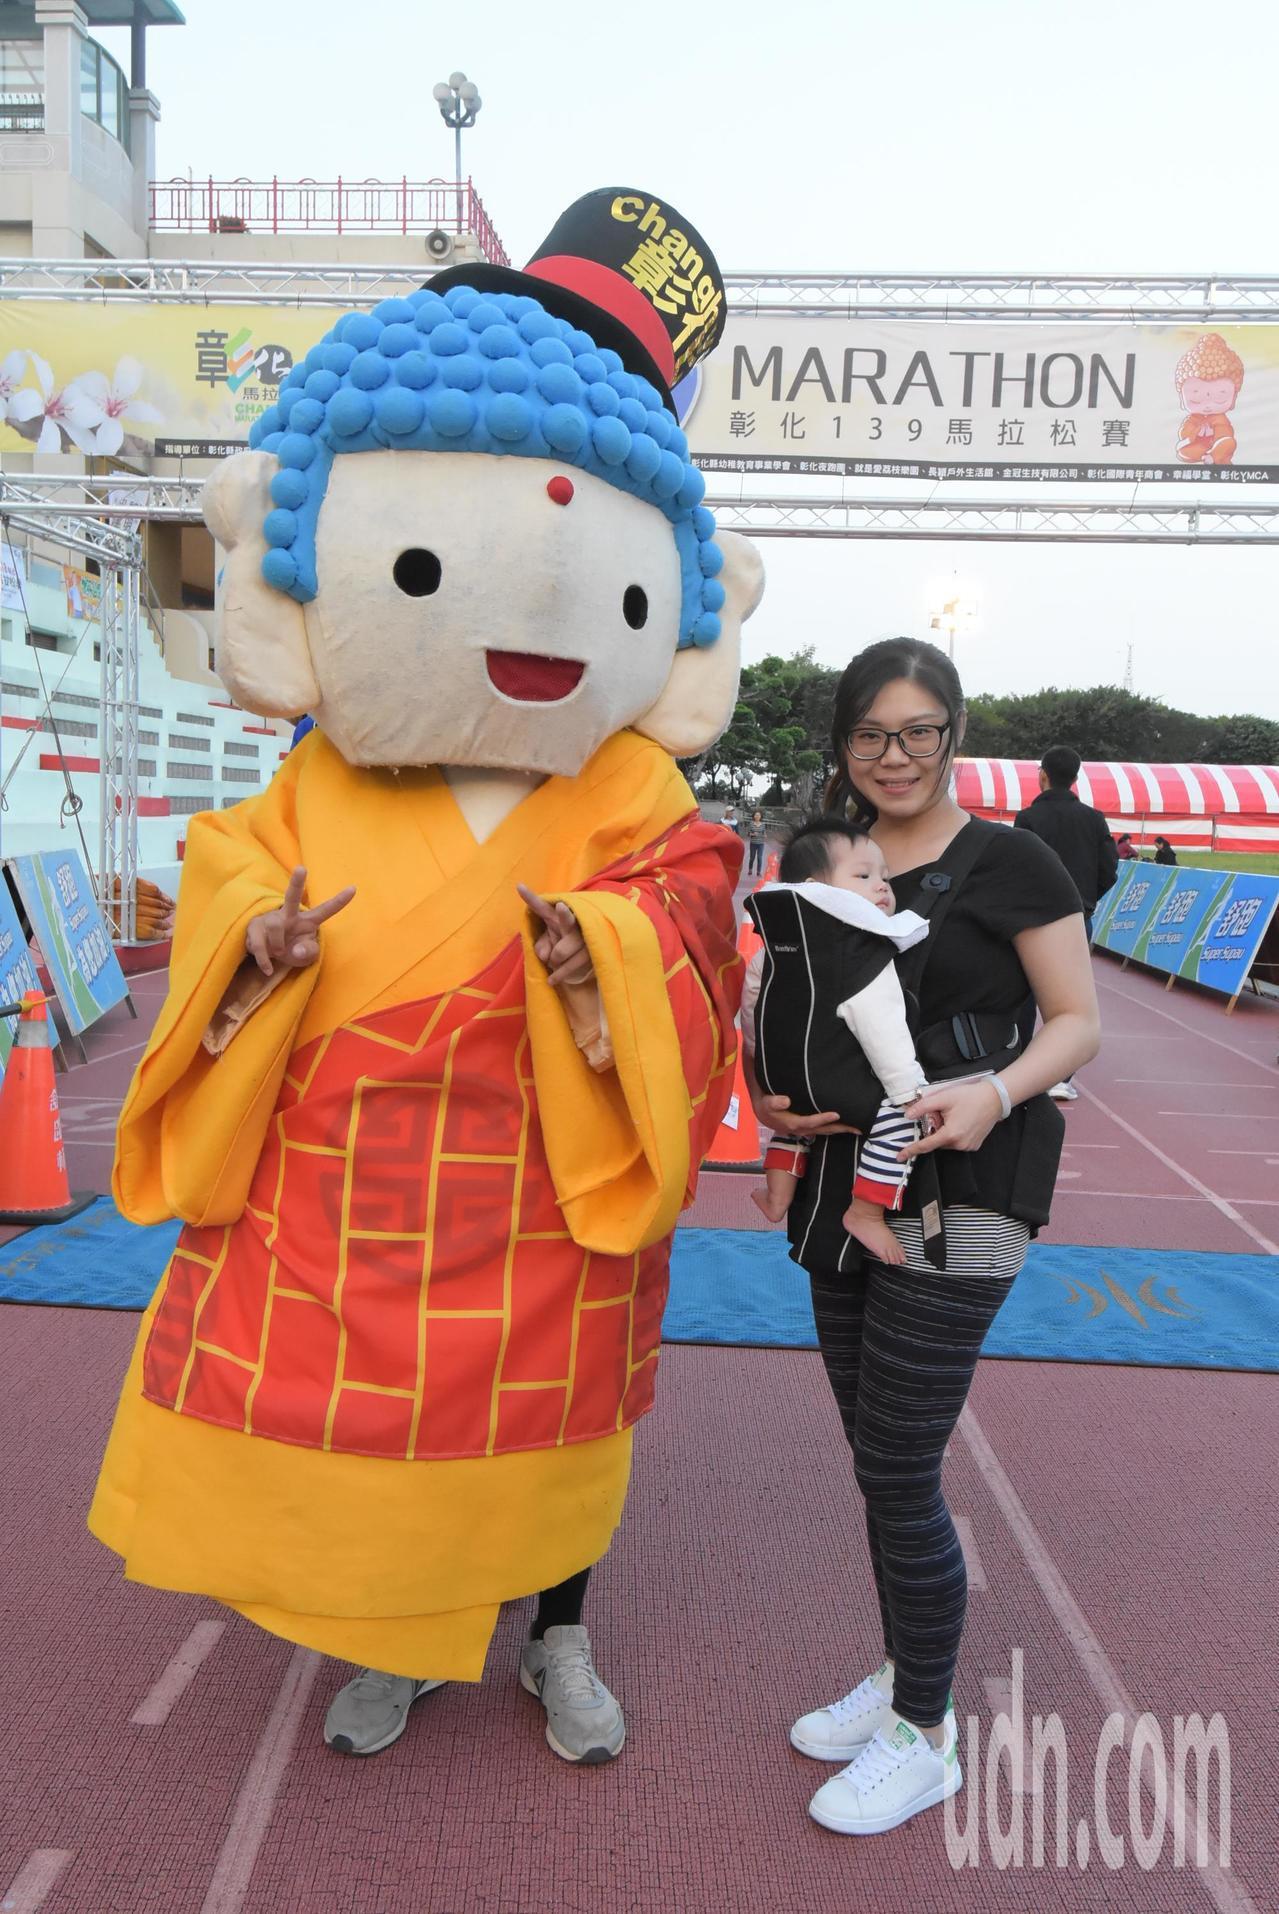 彰化縣政府舉辦的馬拉松季首場比賽「彰化139馬拉松」,也有媽媽背著小嬰兒參加。記...